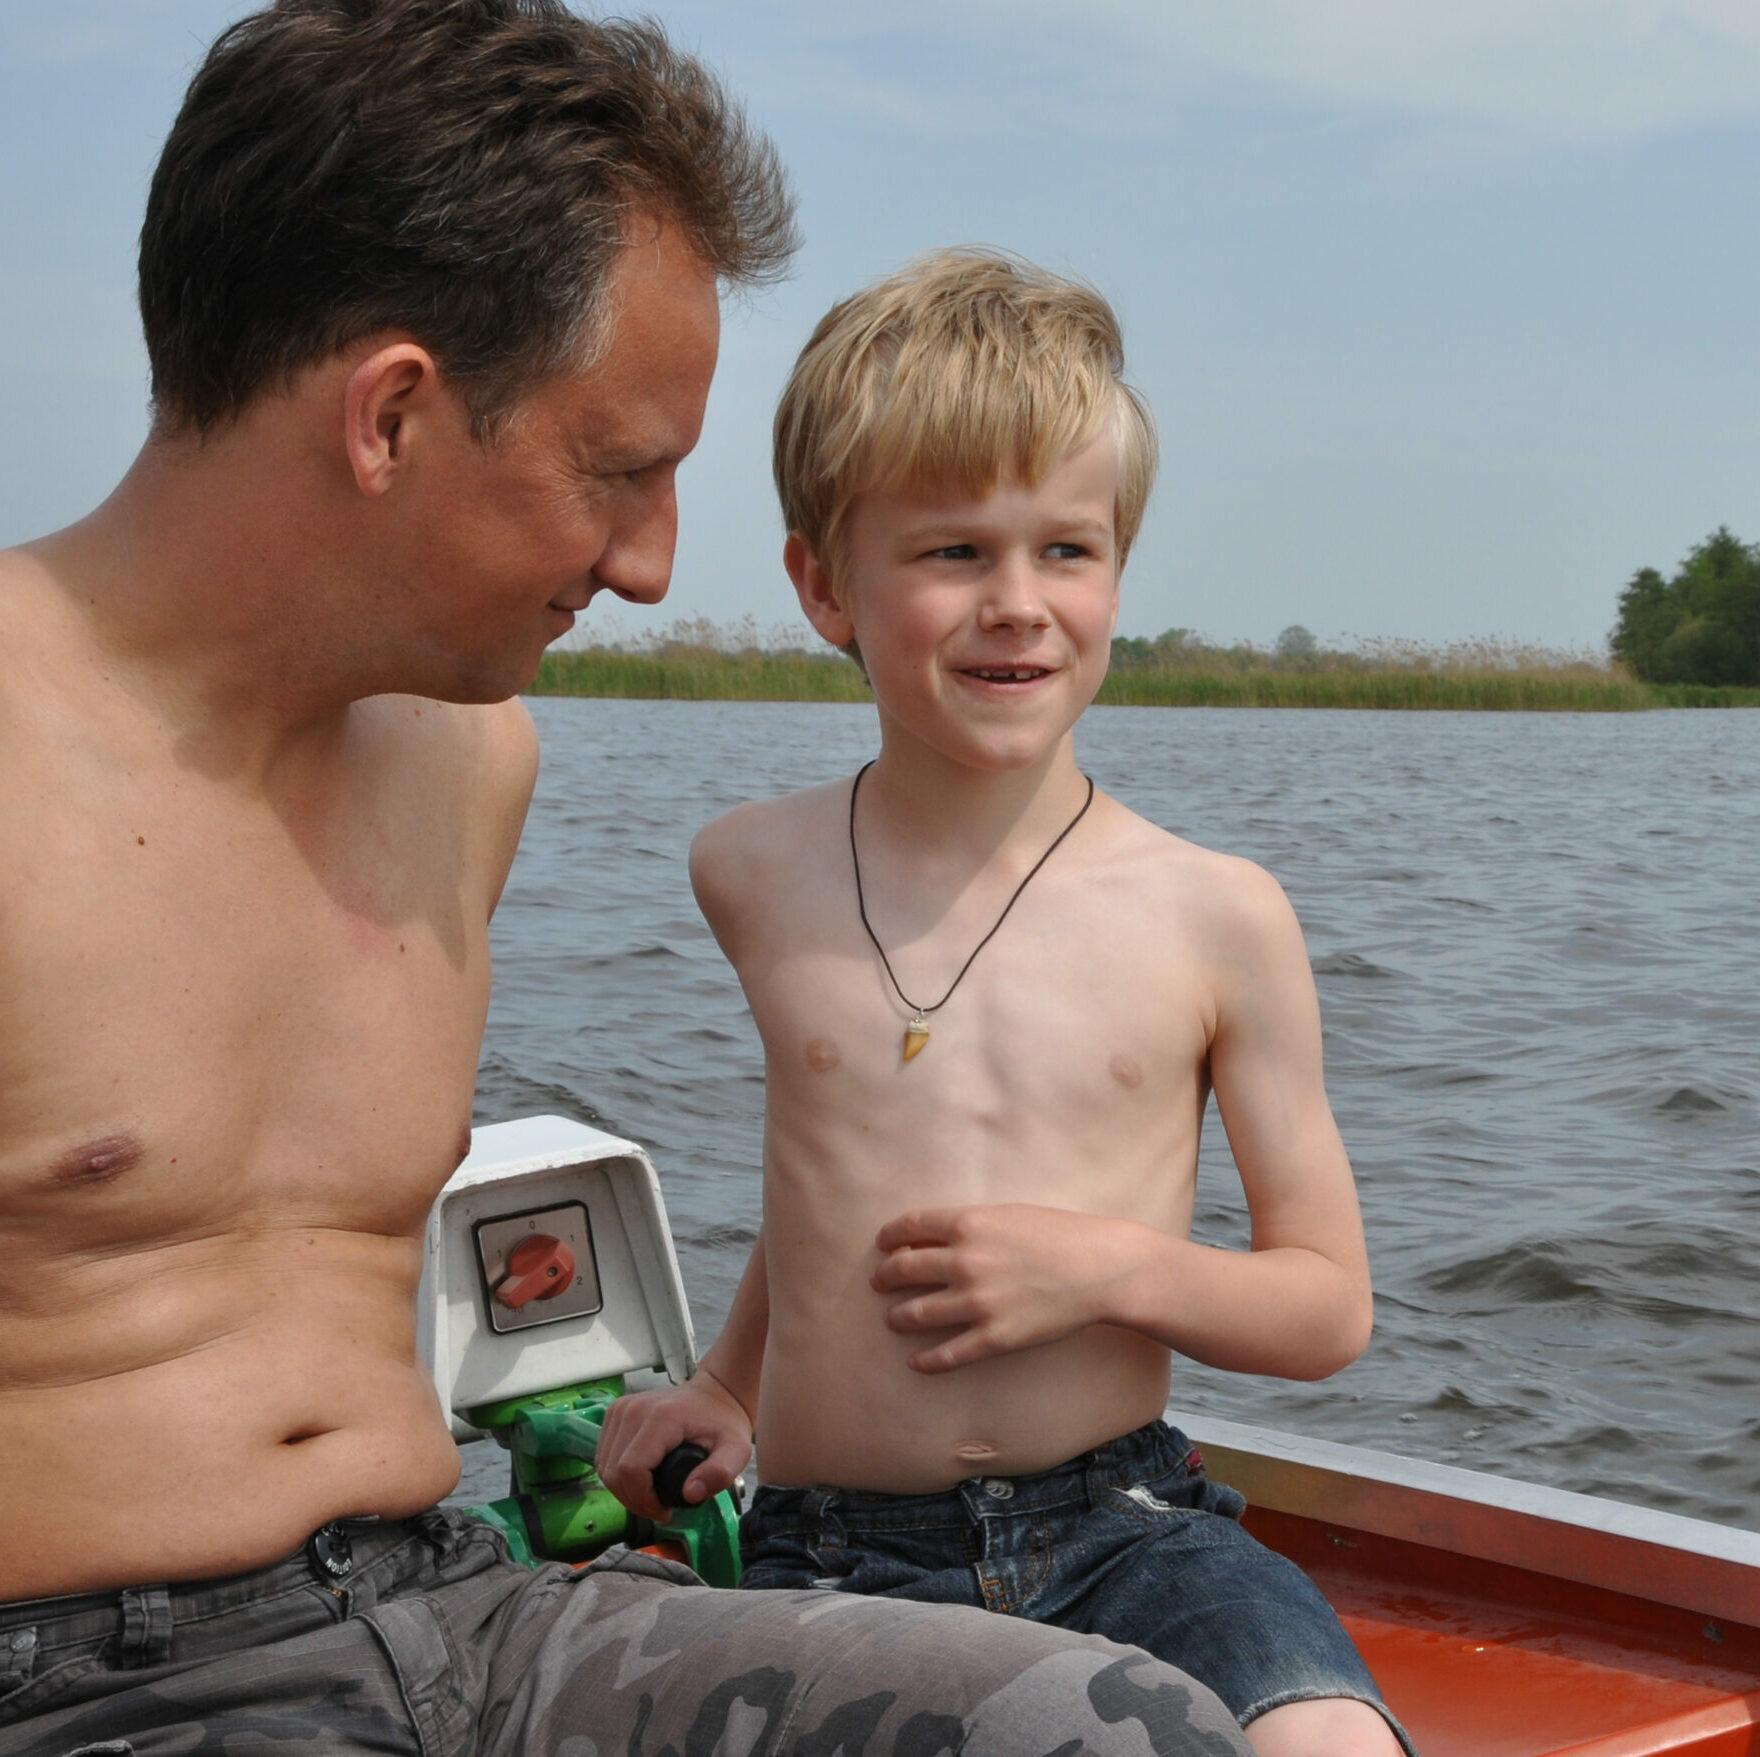 ein circa neunjähriger Bub wird von einem Mann neben ihm mit Anerkennung angeschaut, beide steuern grad ein Boot